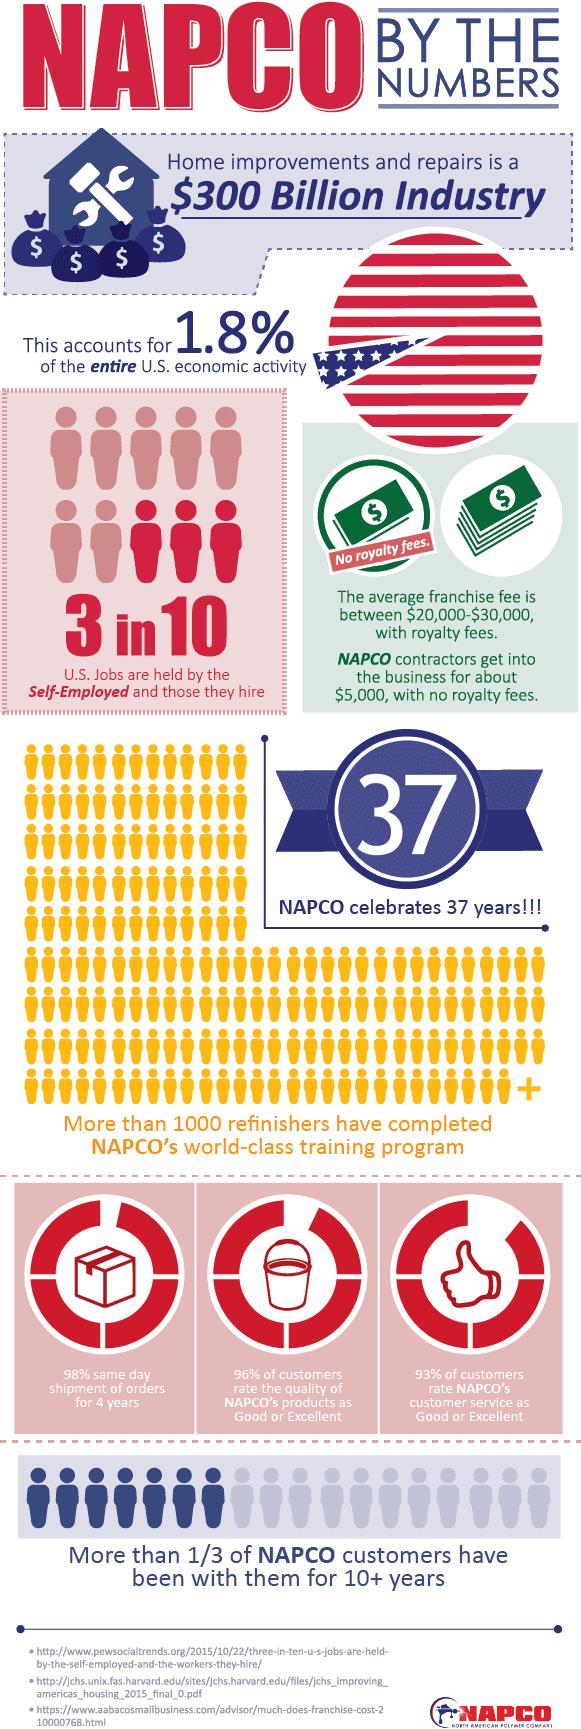 NAPCO Infographic